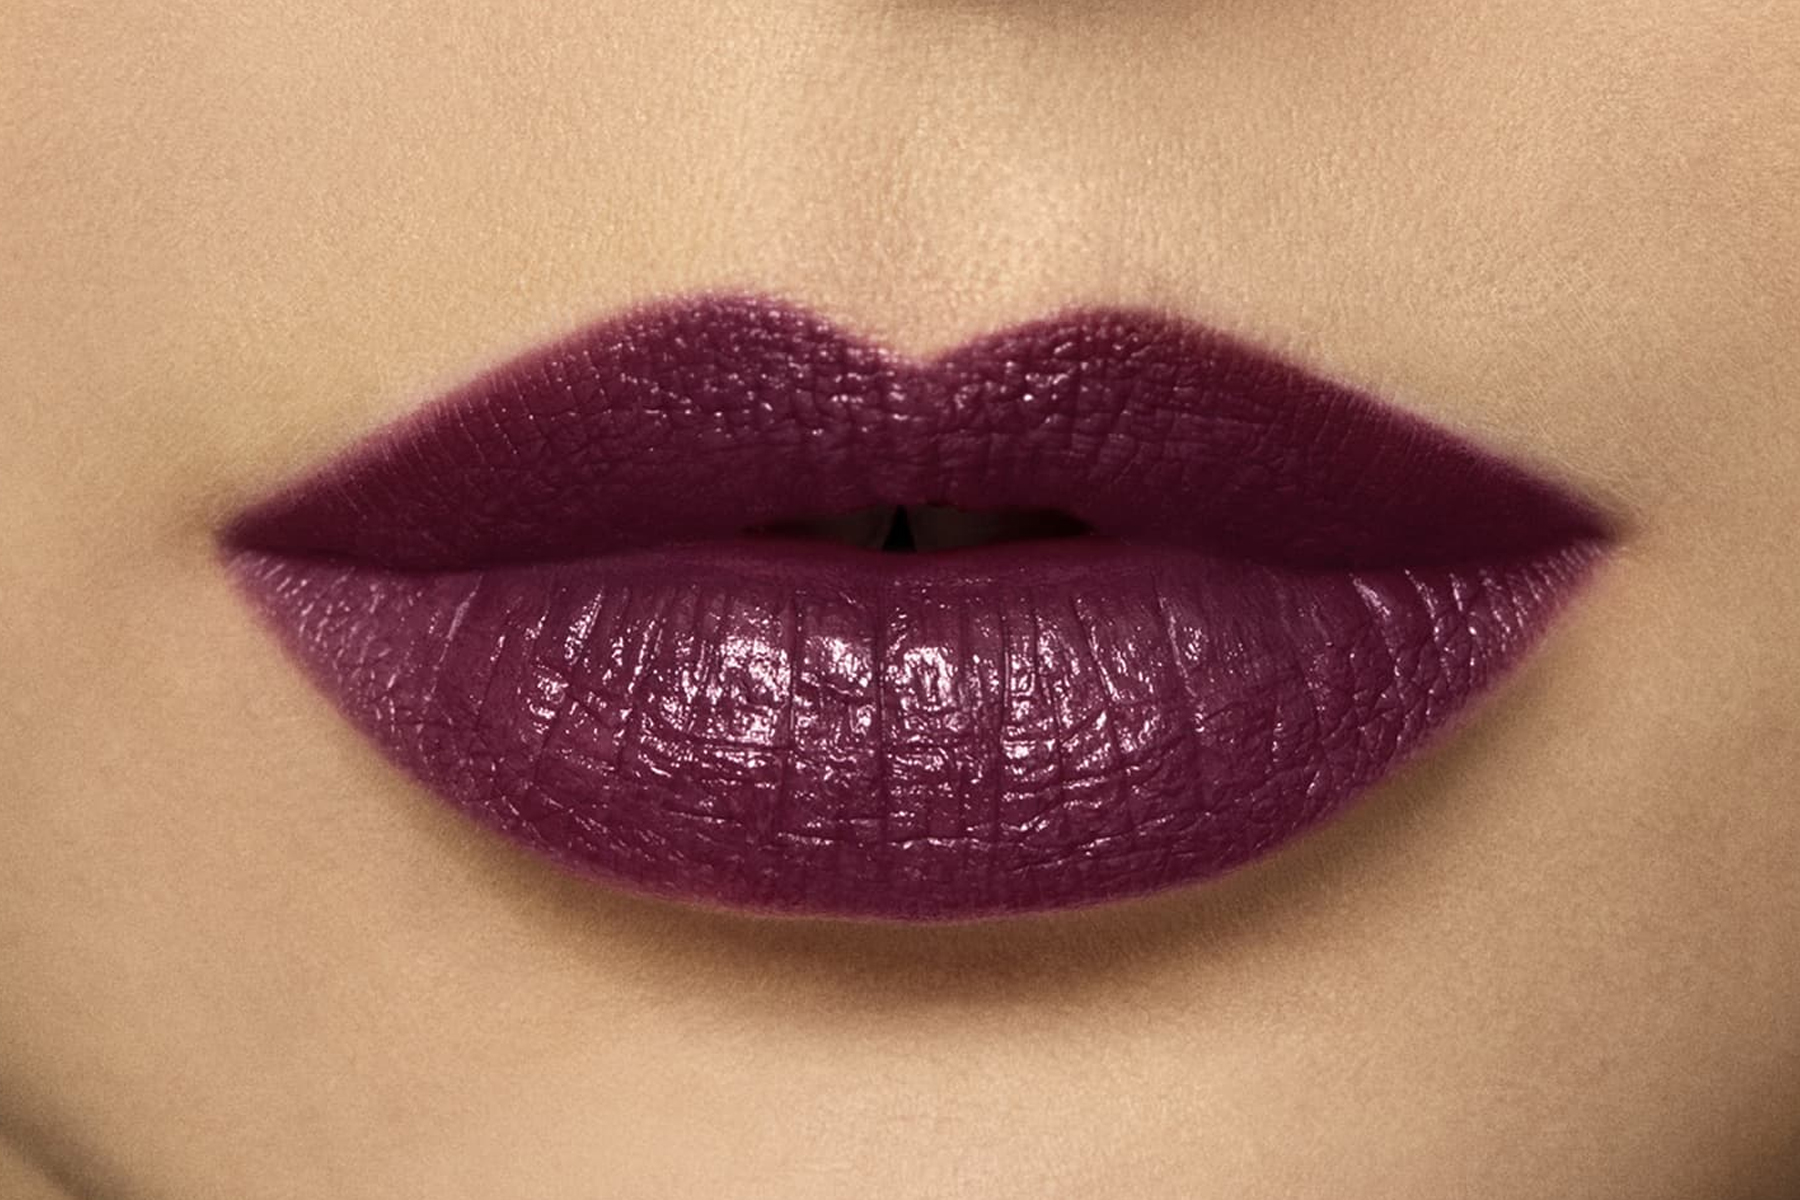 laura-mercier-rouge-essentiel-violette-swatch